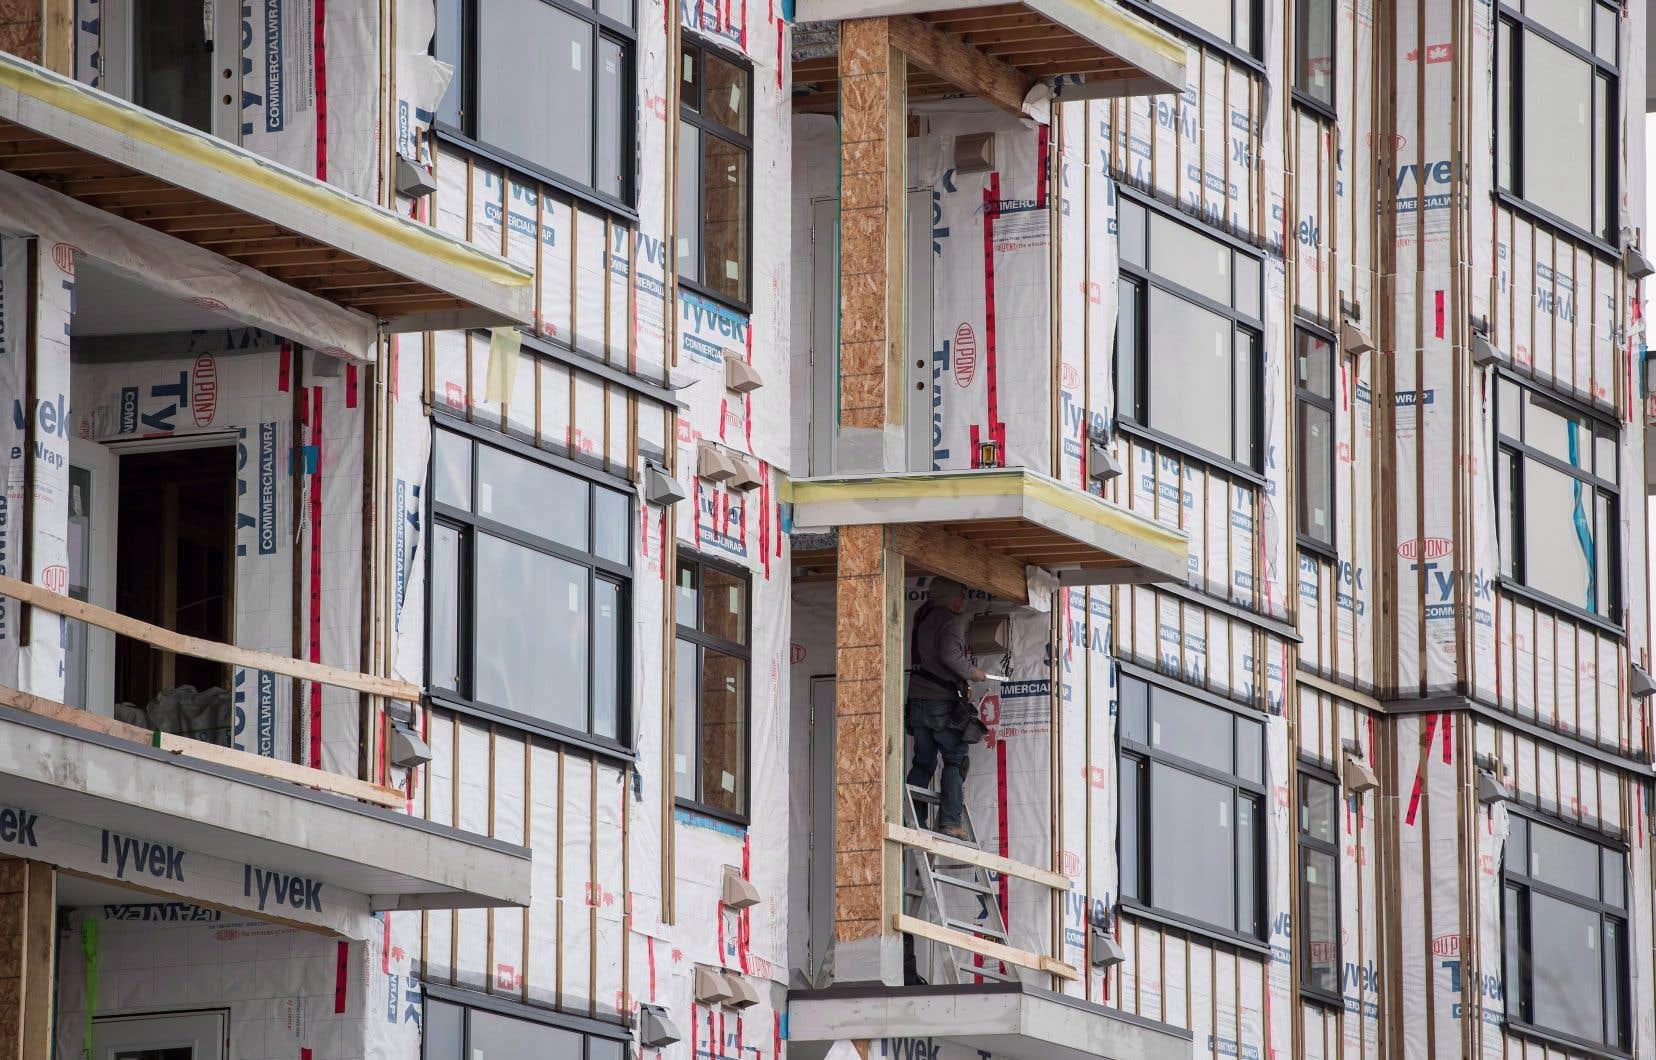 Le nombre de postes vacants dans le secteur de la construction a augmenté de 33,1%, à 46400, le nombre le plus élevé depuis 2015.